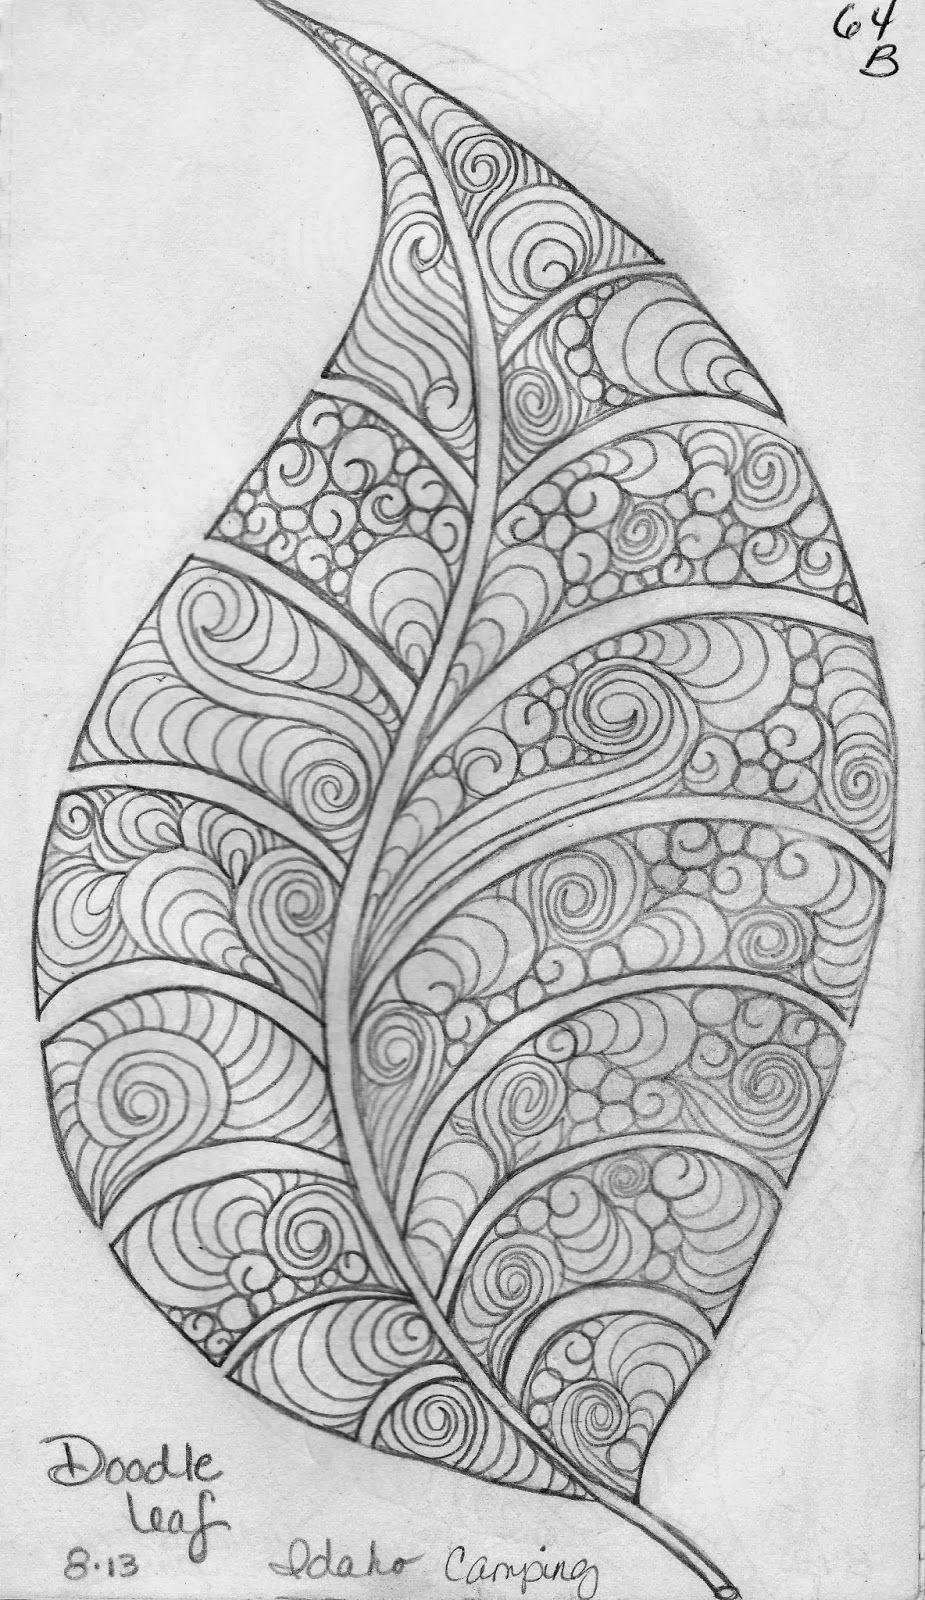 Diseño de hoja | Arco iris | Pinterest | Hoja, Mandalas y Dibujo